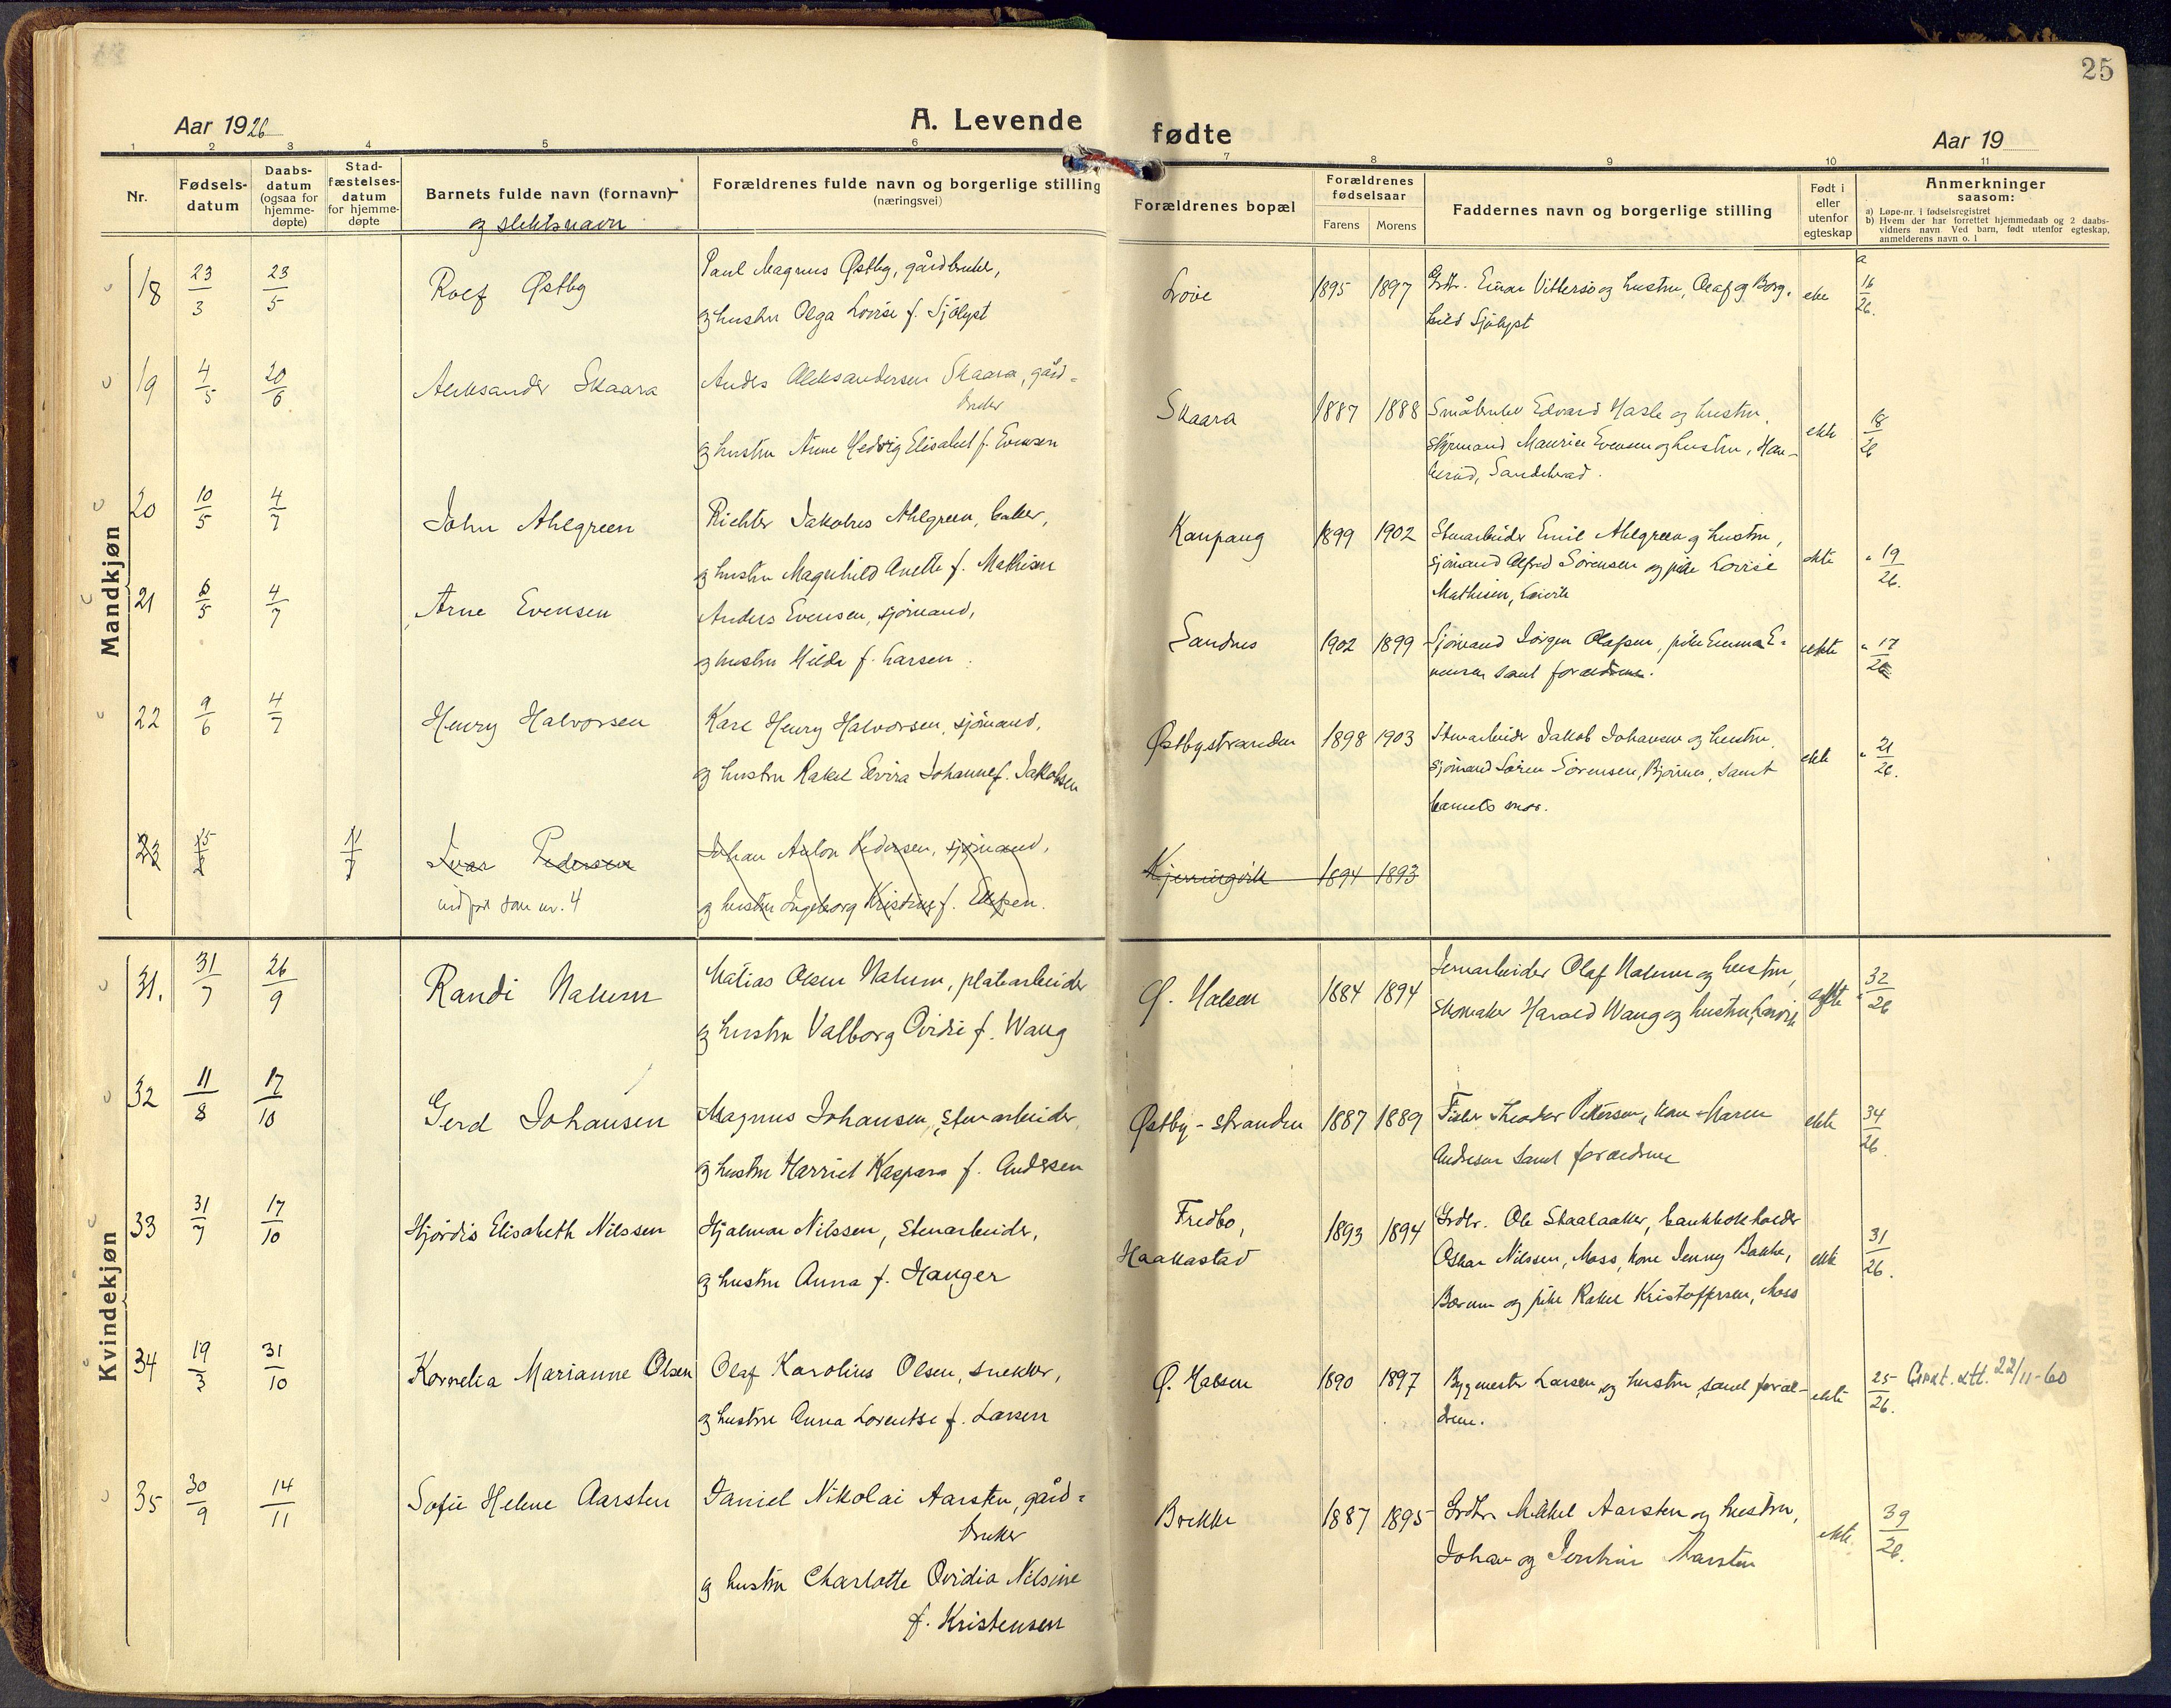 SAKO, Tjølling kirkebøker, F/Fa/L0011: Ministerialbok nr. 11, 1924-1943, s. 25